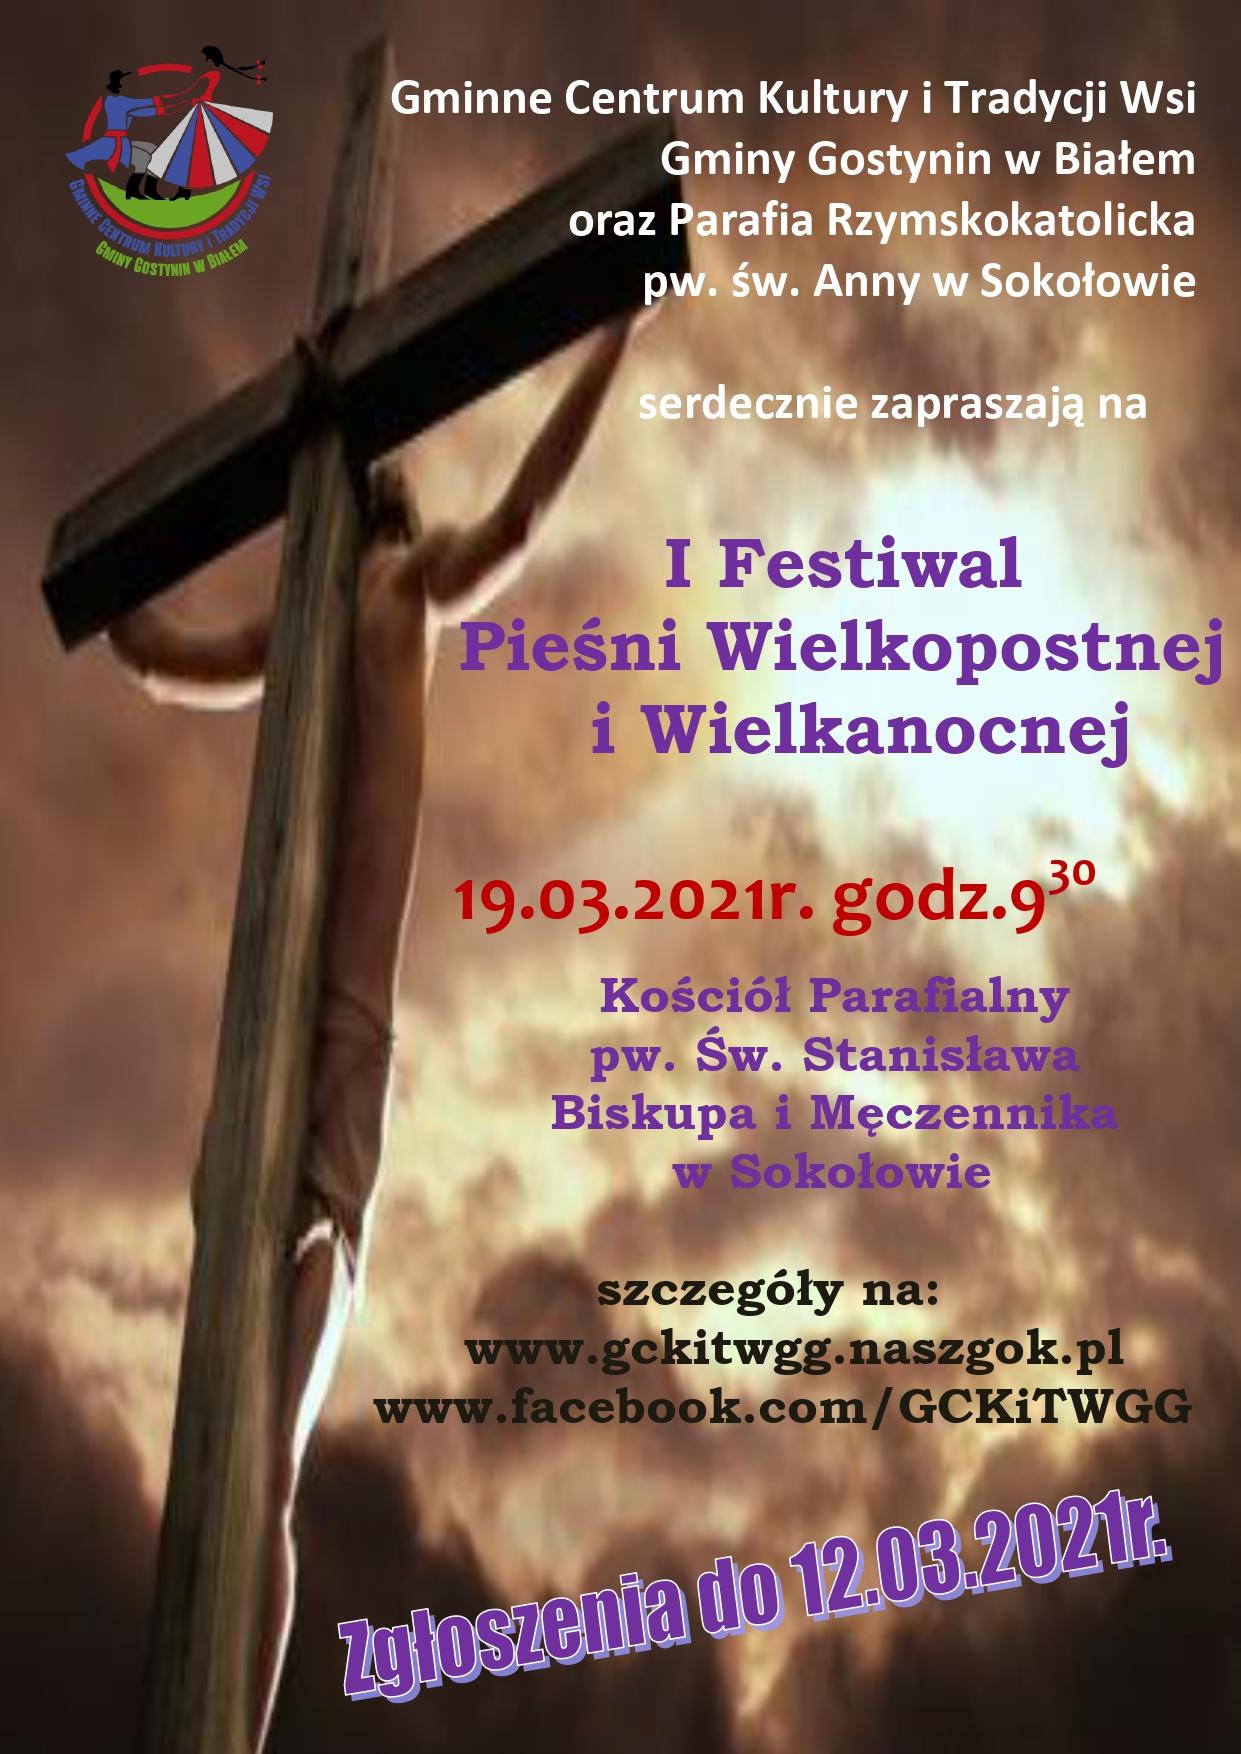 Plakat I Festiwal Pięsni Wielkopostnej 1